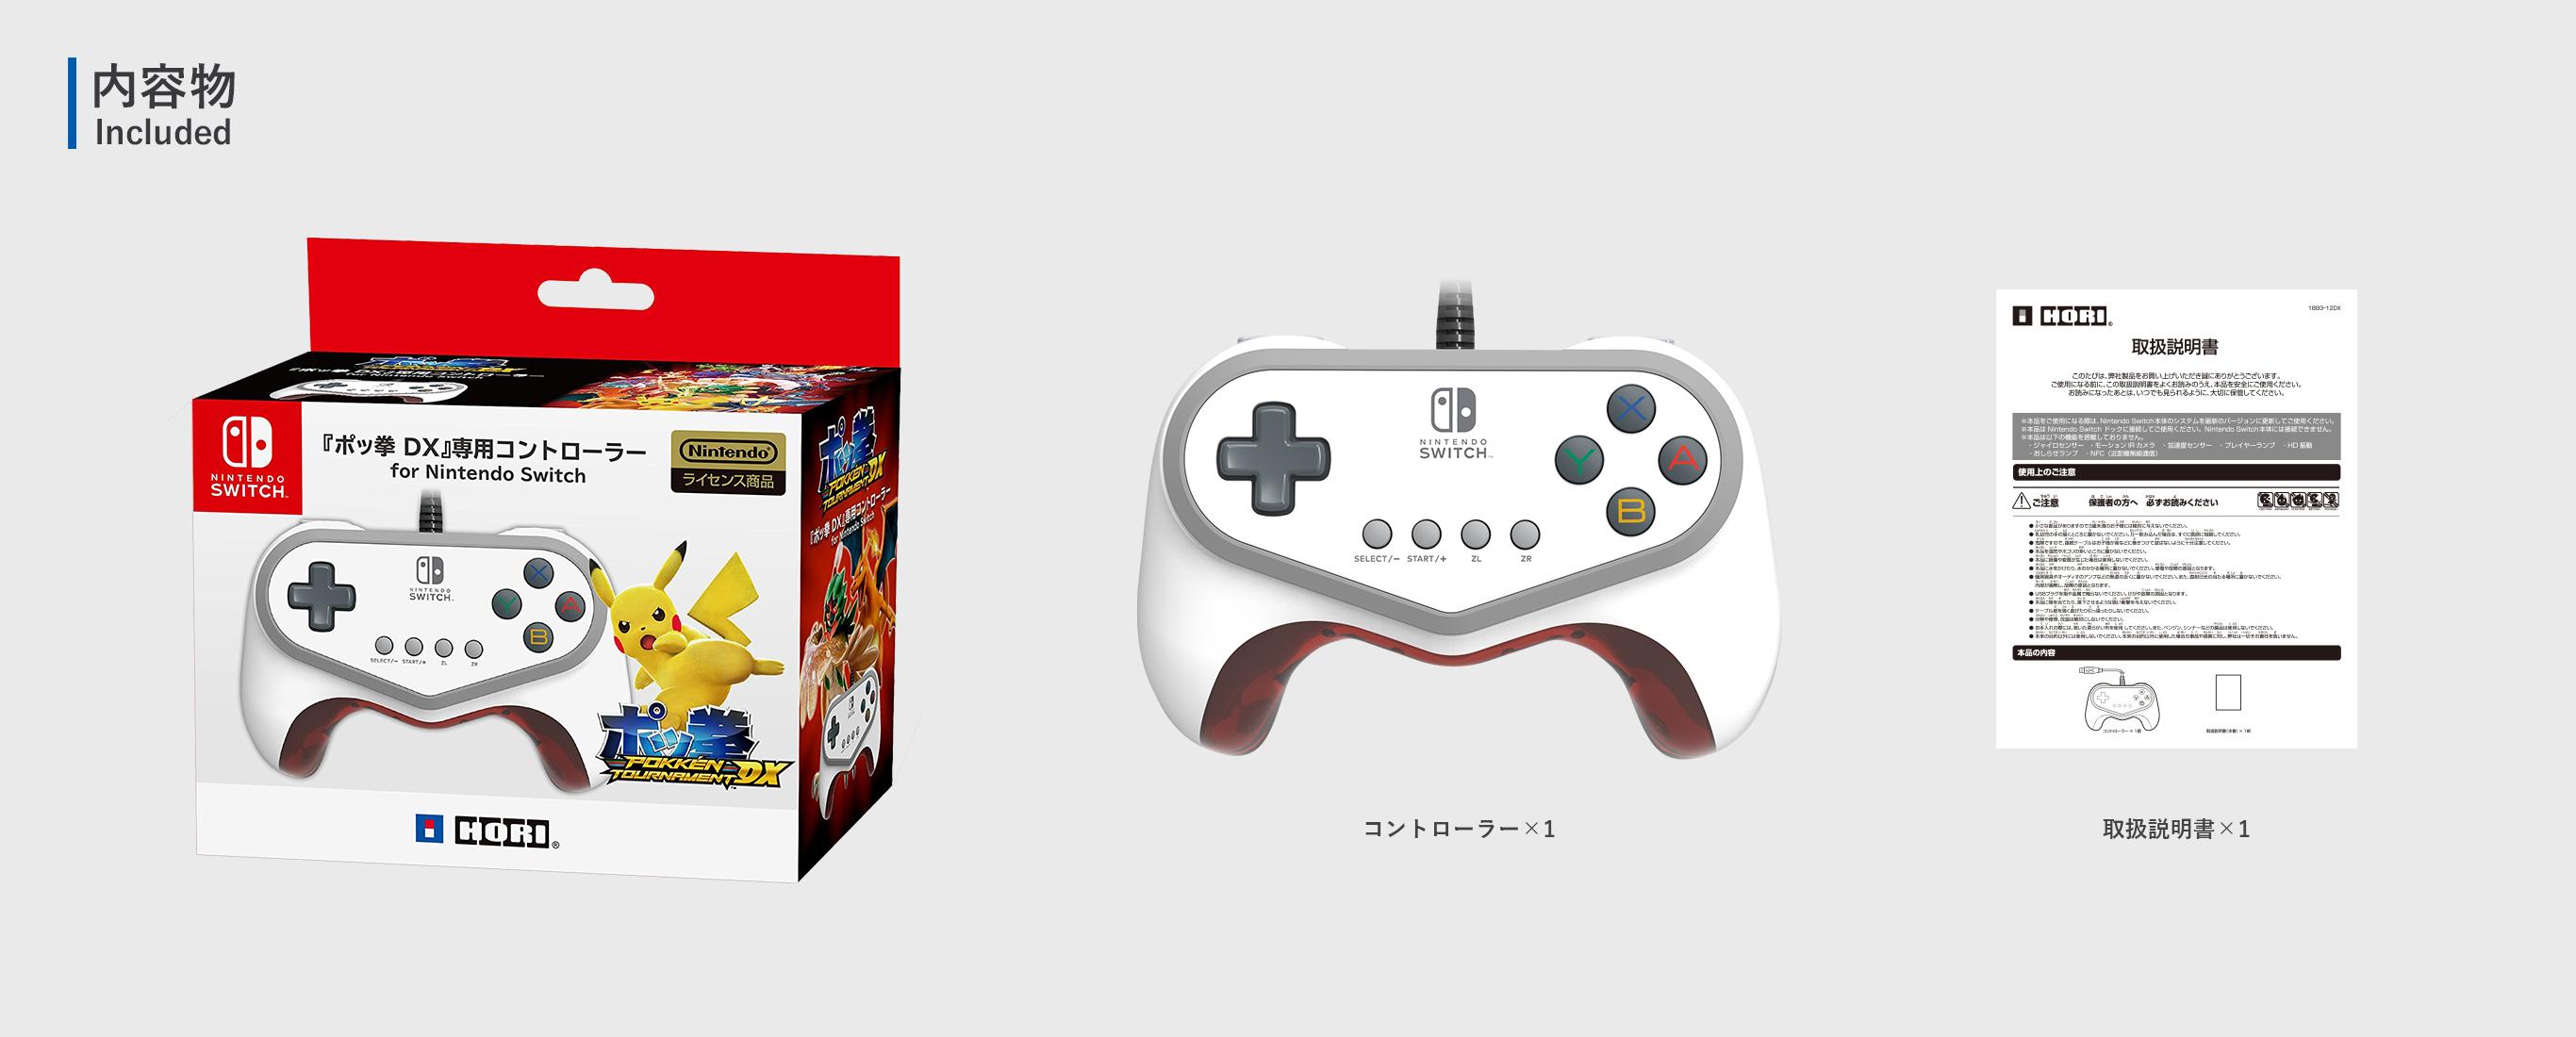 株式会社 hori ポッ拳 dx 専用コントローラー for nintendo switch